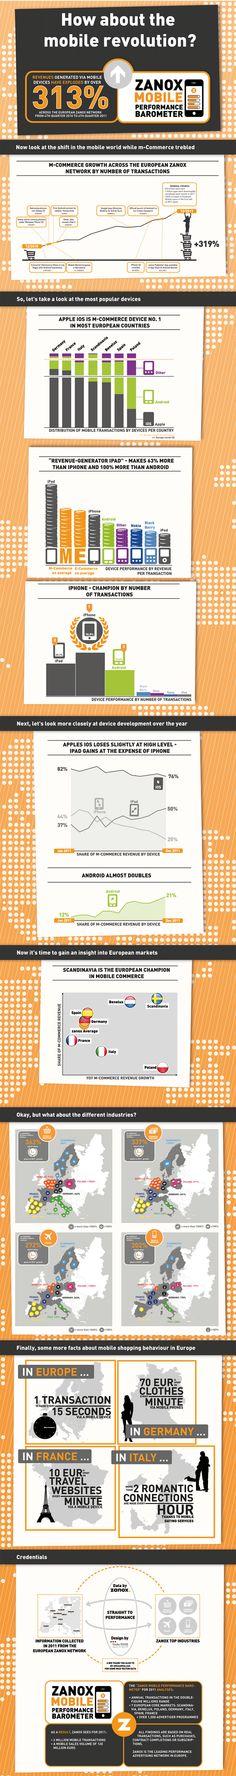 La crescita del mobile commerce in Europa Marketing Mobile, Marketing Digital, Mobile Advertising, Web 2.0, Le Web, Affiliate Marketing, Online Marketing, Mobiles Internet, Performance Marketing